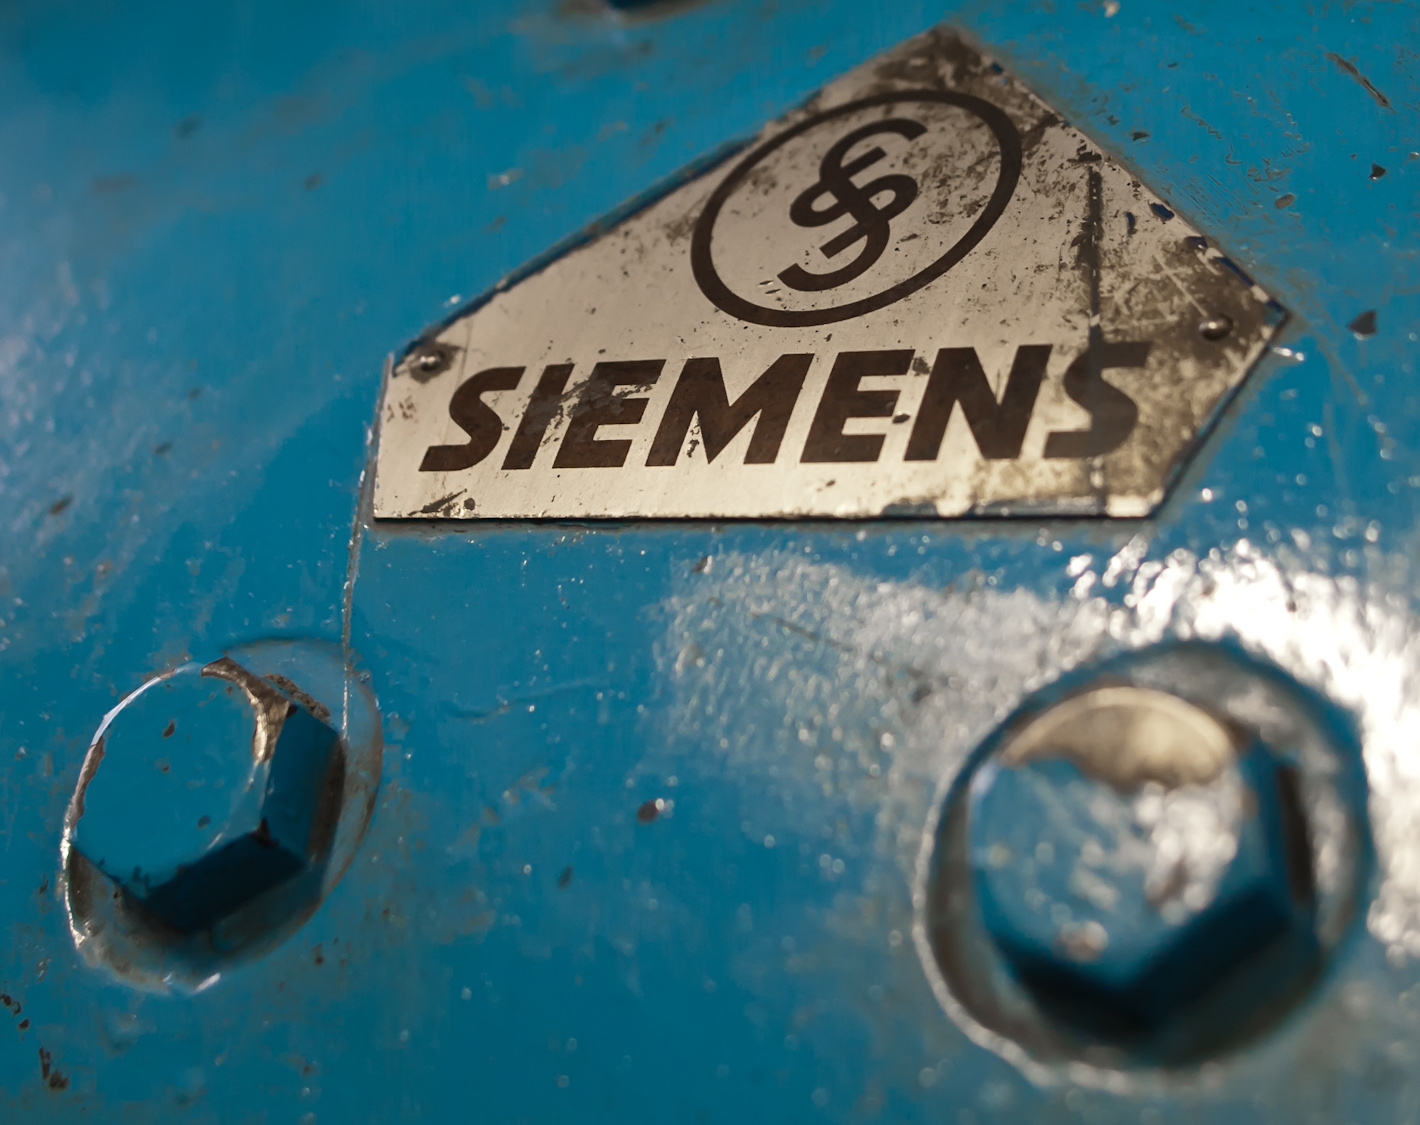 Siemens, kuva 188040, 14.1.2012